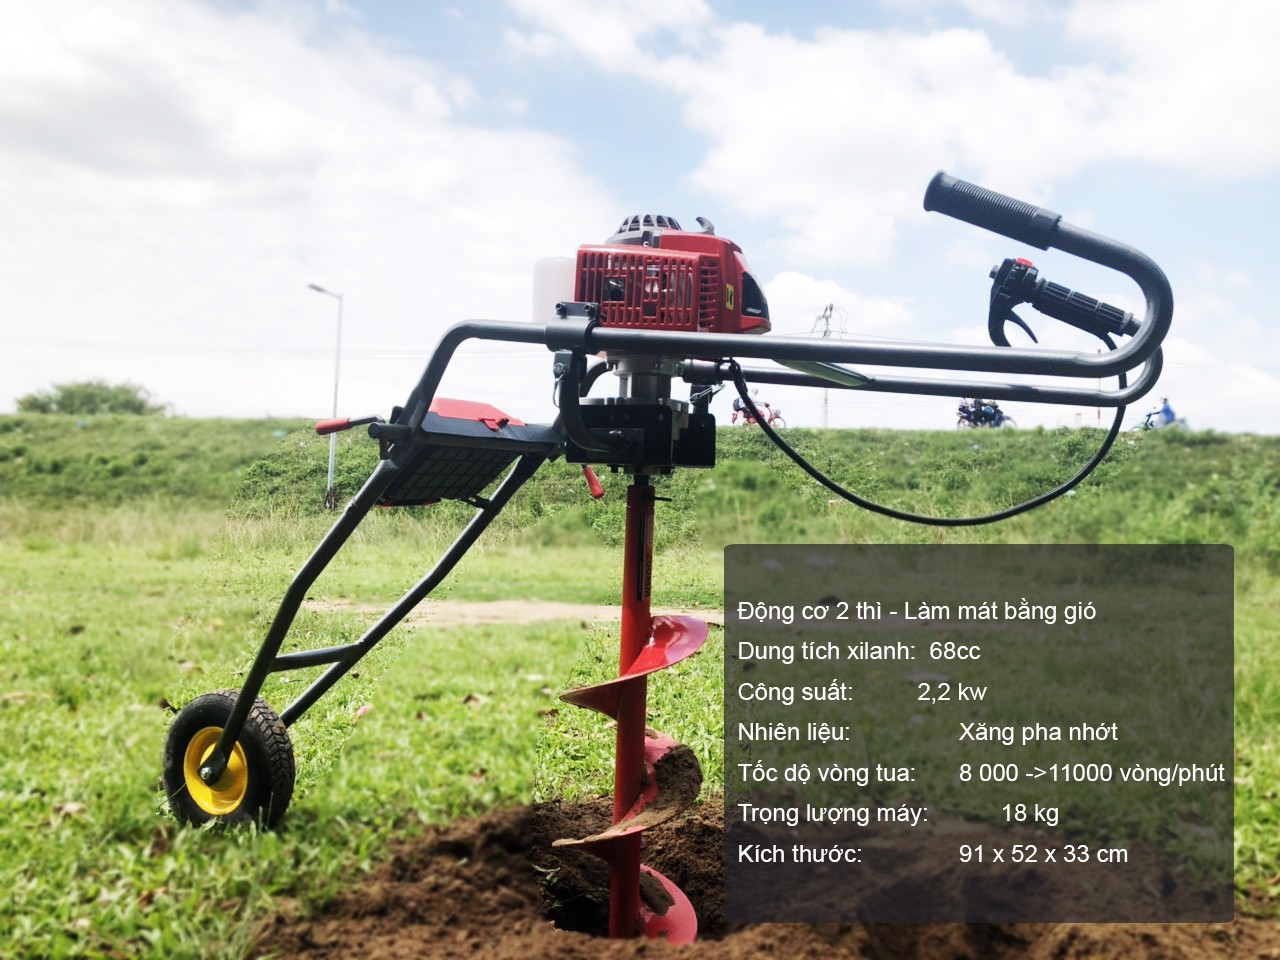 www.kenhraovat.com: Máy khoan đất có bánh xe đẩy khoan trồng cây giá cực rẻ